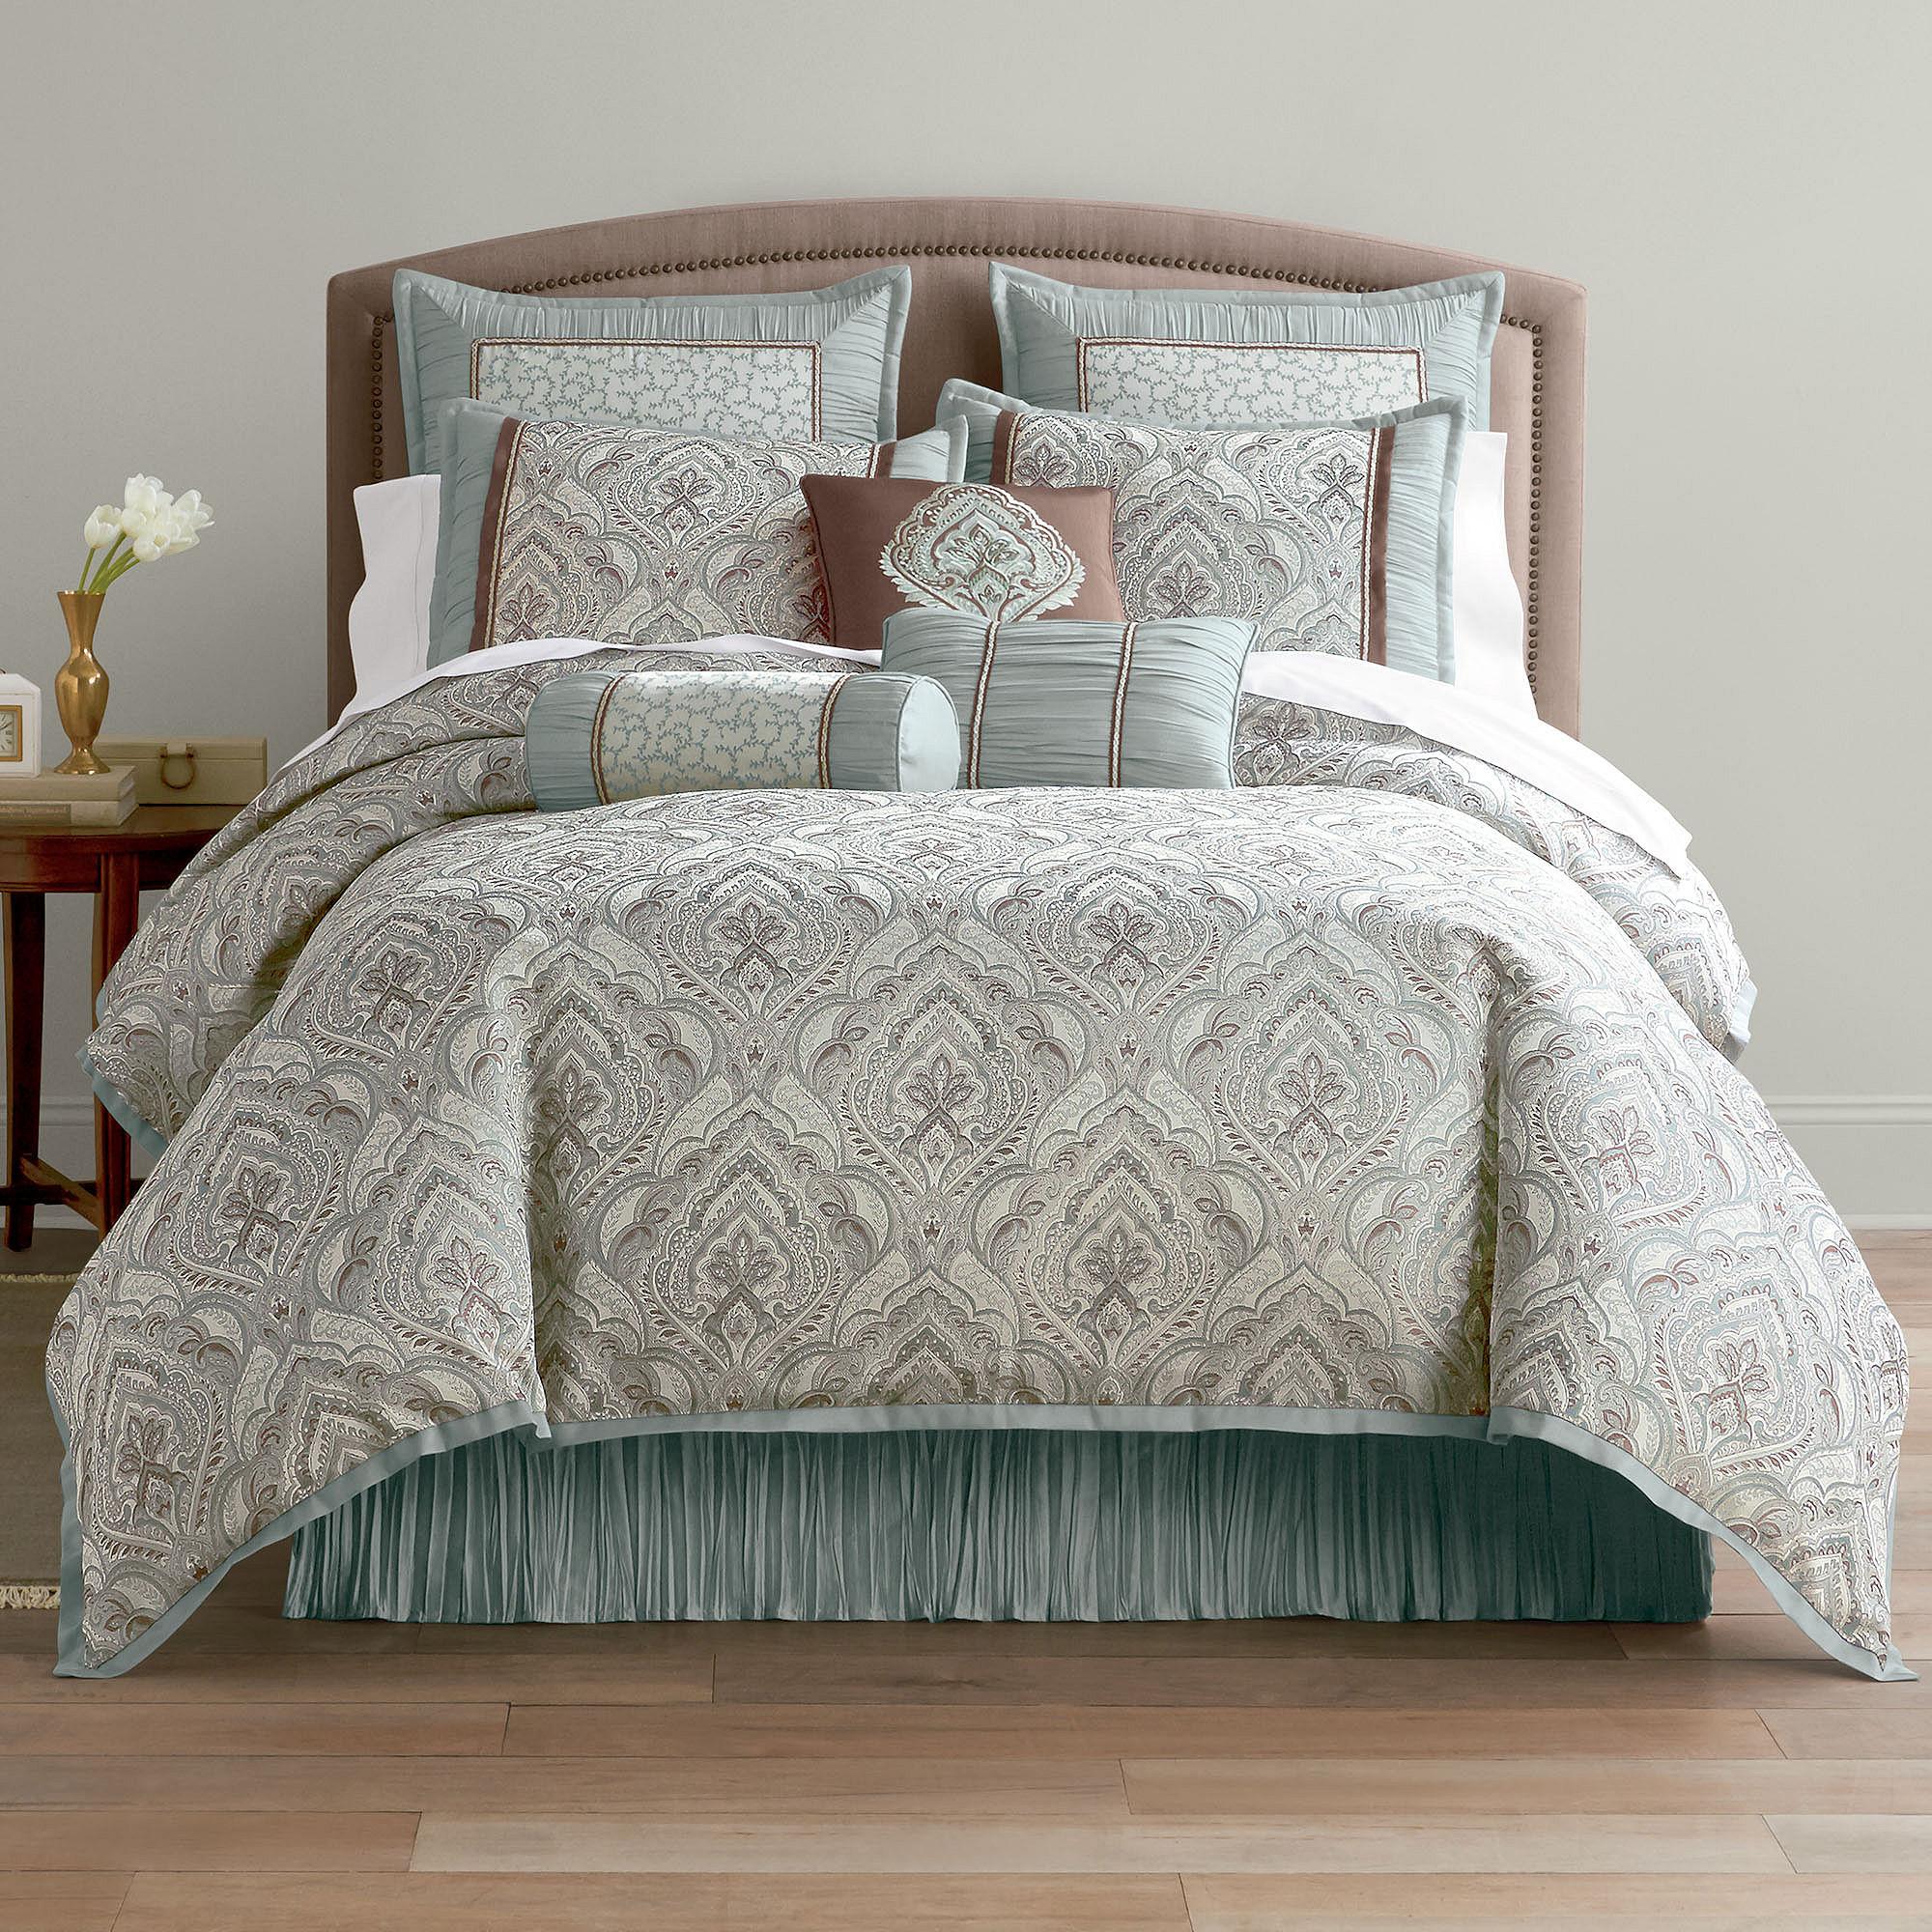 Get intelligent design sydney damask comforter set offer for Bedroom expressions